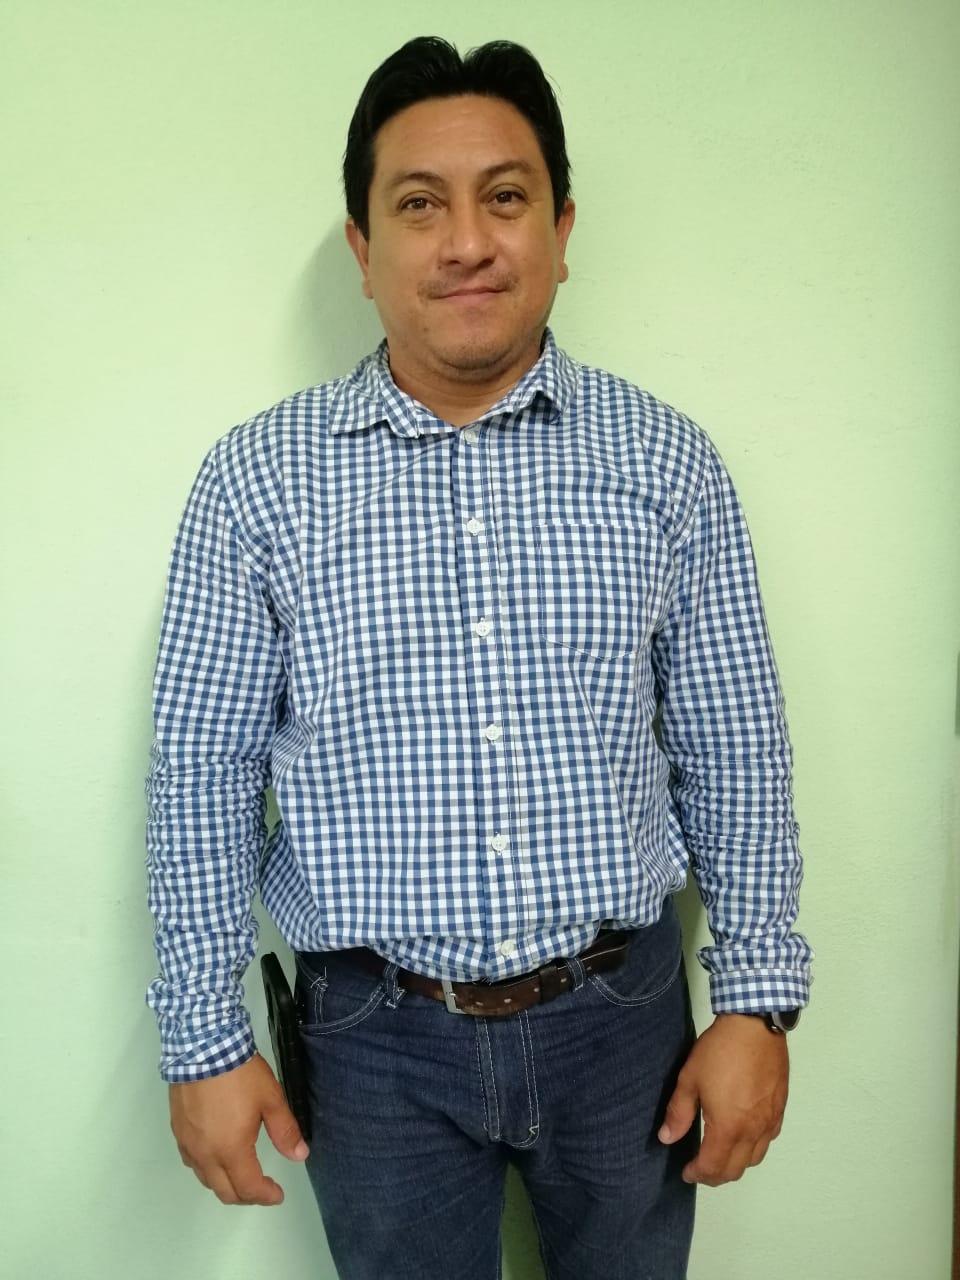 Jose Asencio